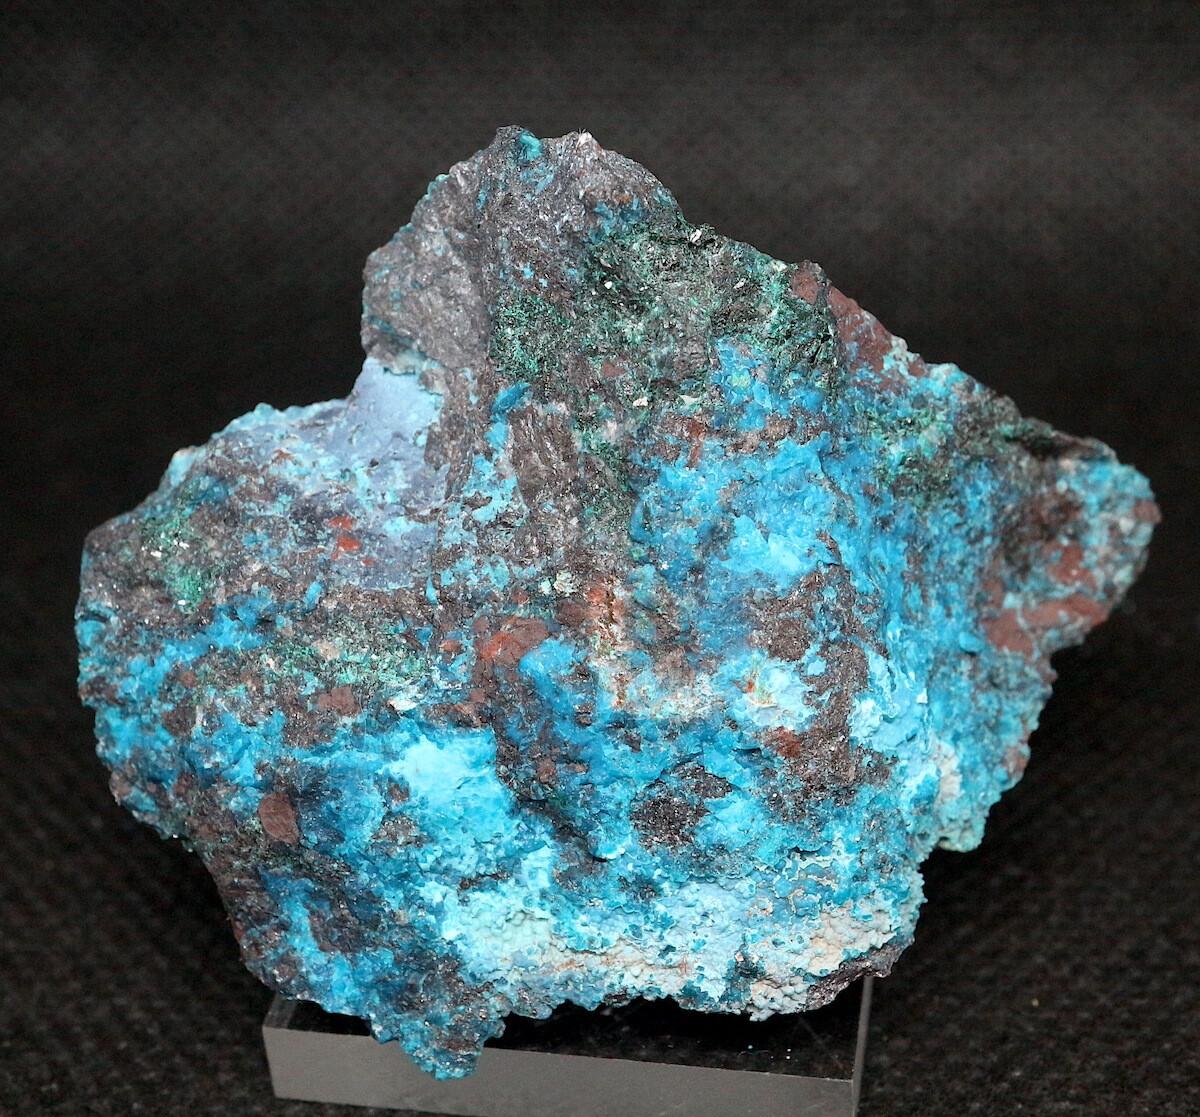 クリソコラ + マラカイト  珪孔雀石 84,2g CHS049  鉱物 天然石 原石 パワーストーン